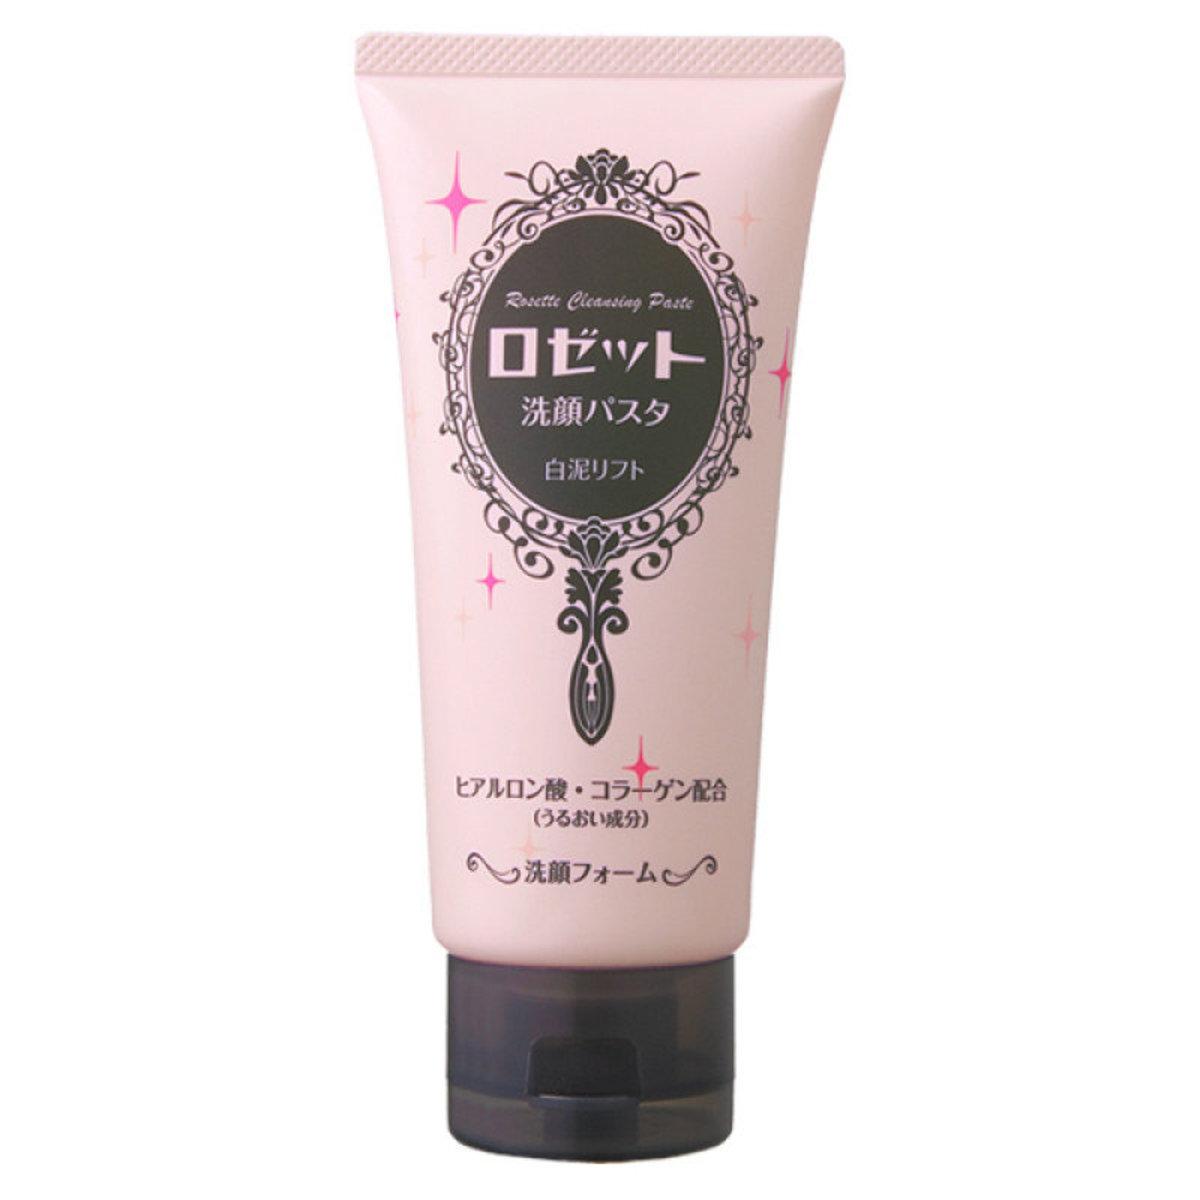 White Clay Washing Foam 120g (Pink) (平行進口) [4901696533918]